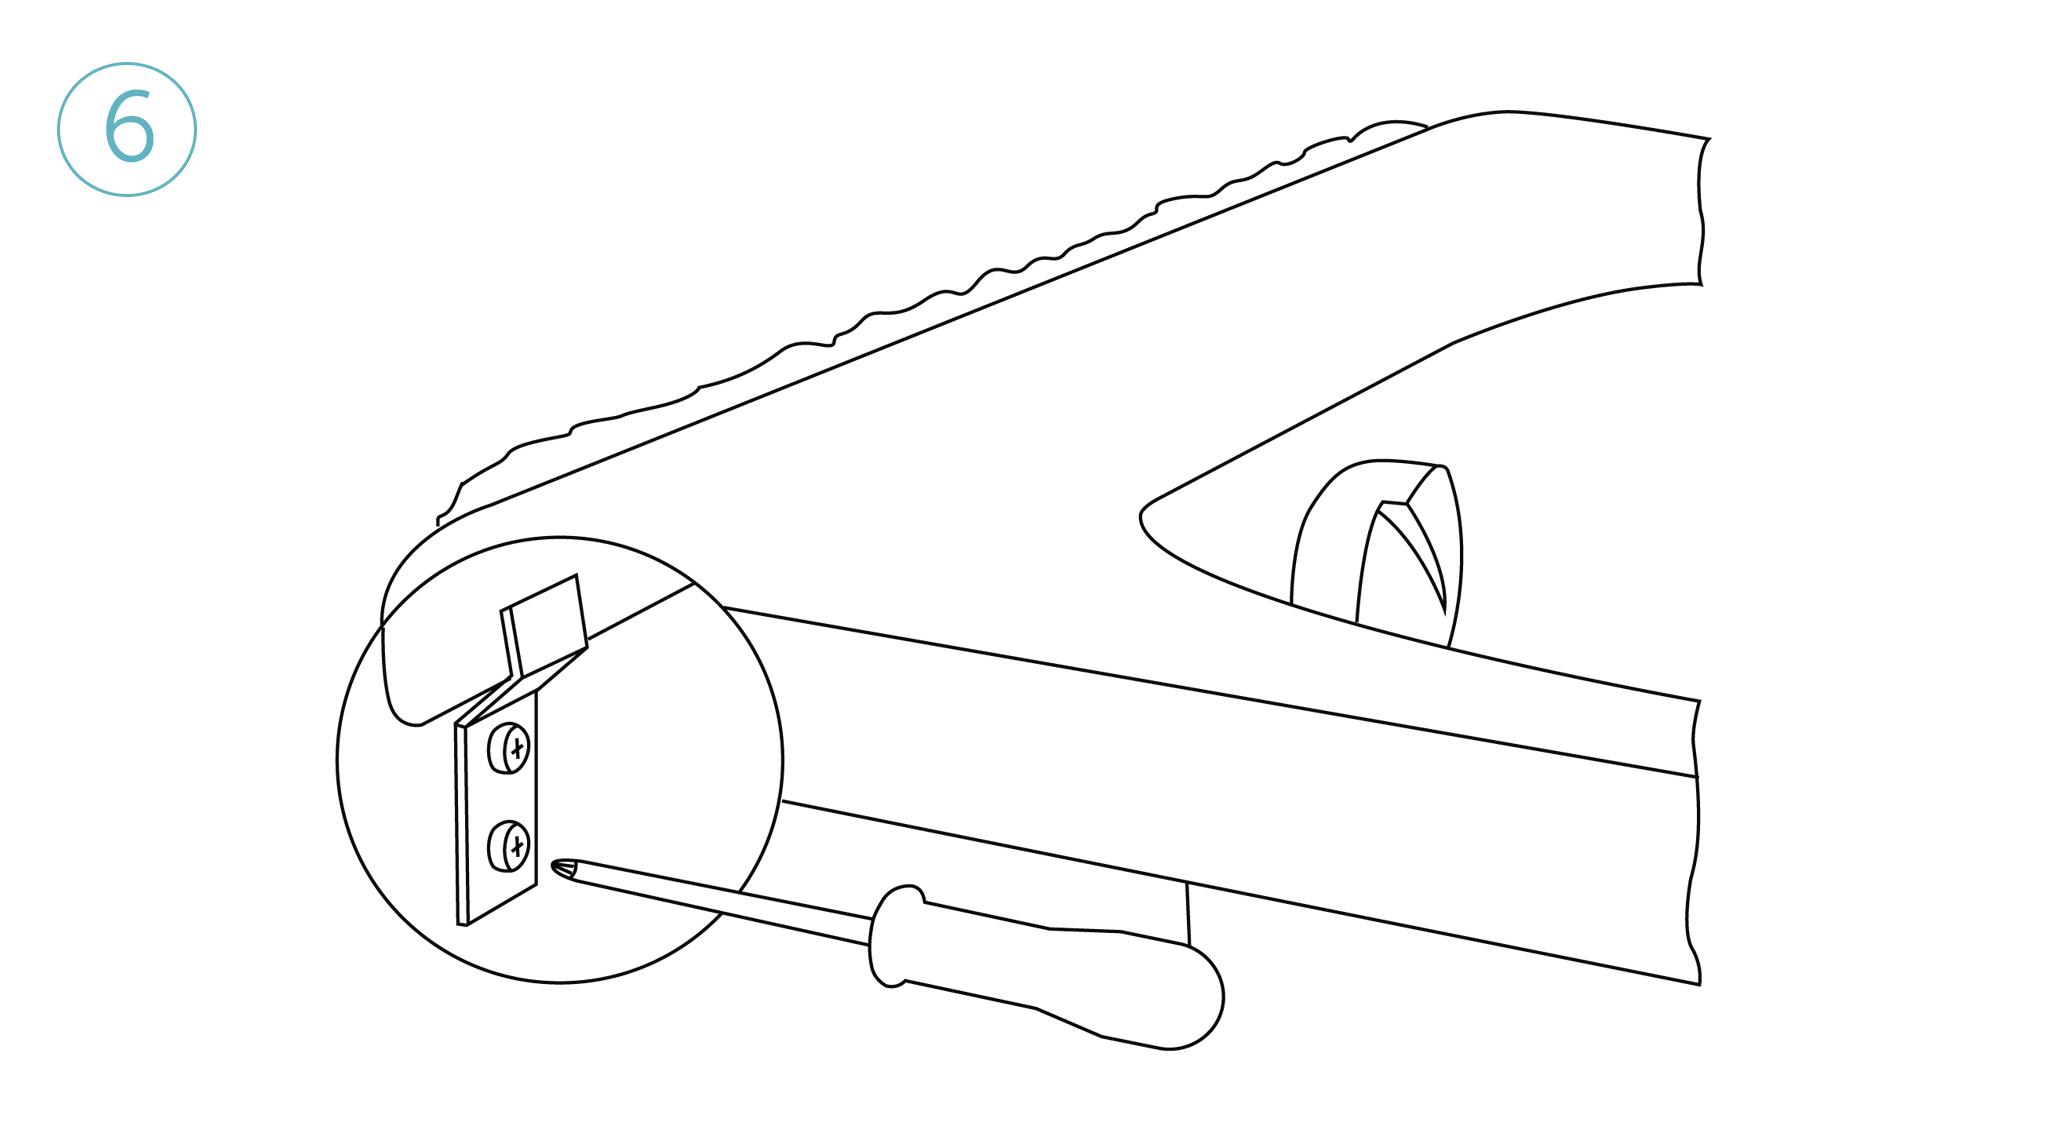 Прикрутить ванну к стене соответствующим крепежом (в комплекте не поставляется), предварительно высверливотверстия, и обработав места стыков затиркой или герметиком.